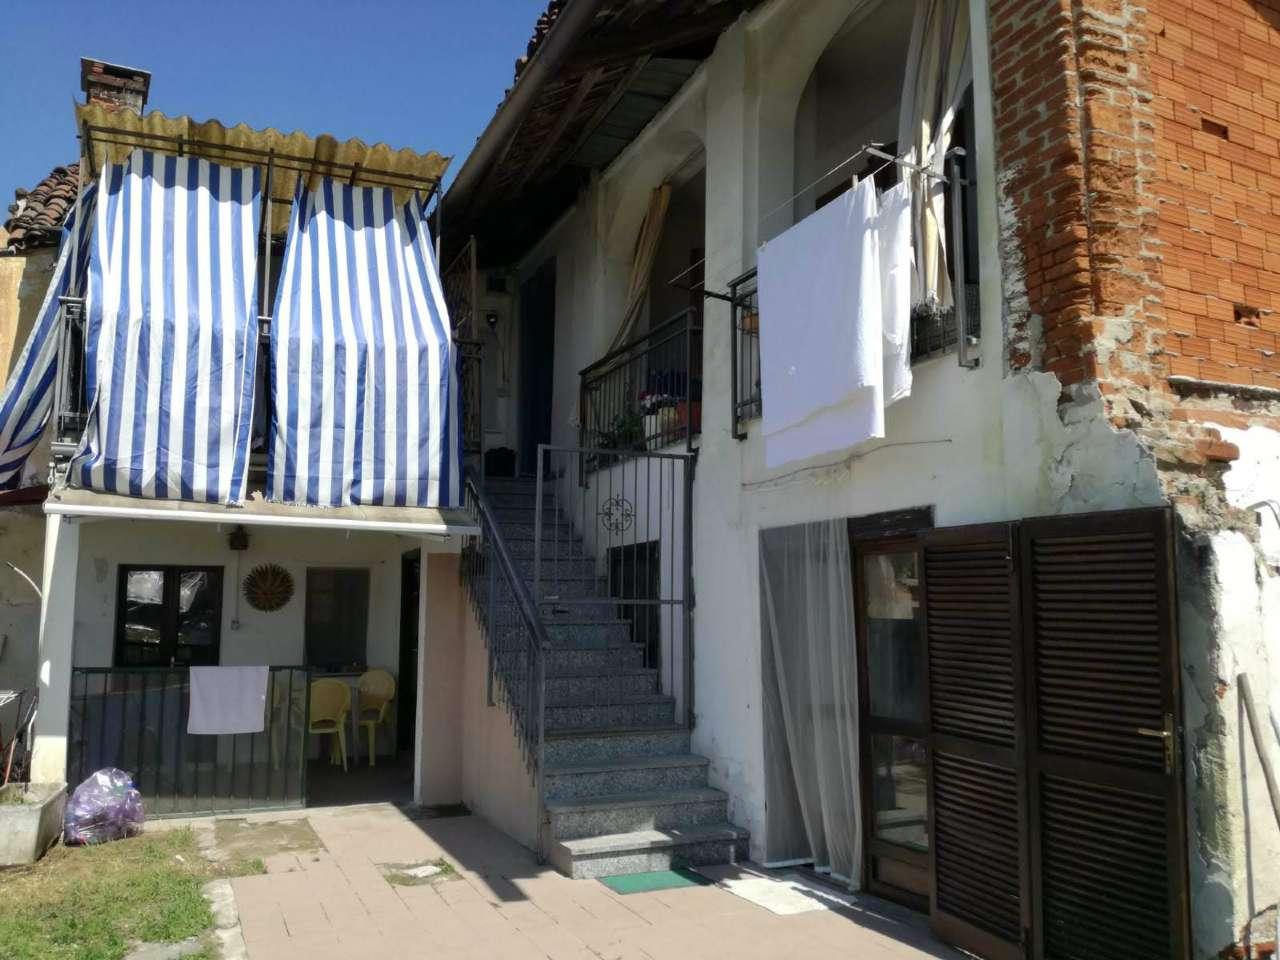 Appartamento in vendita a Pancalieri, 3 locali, prezzo € 45.000 | CambioCasa.it